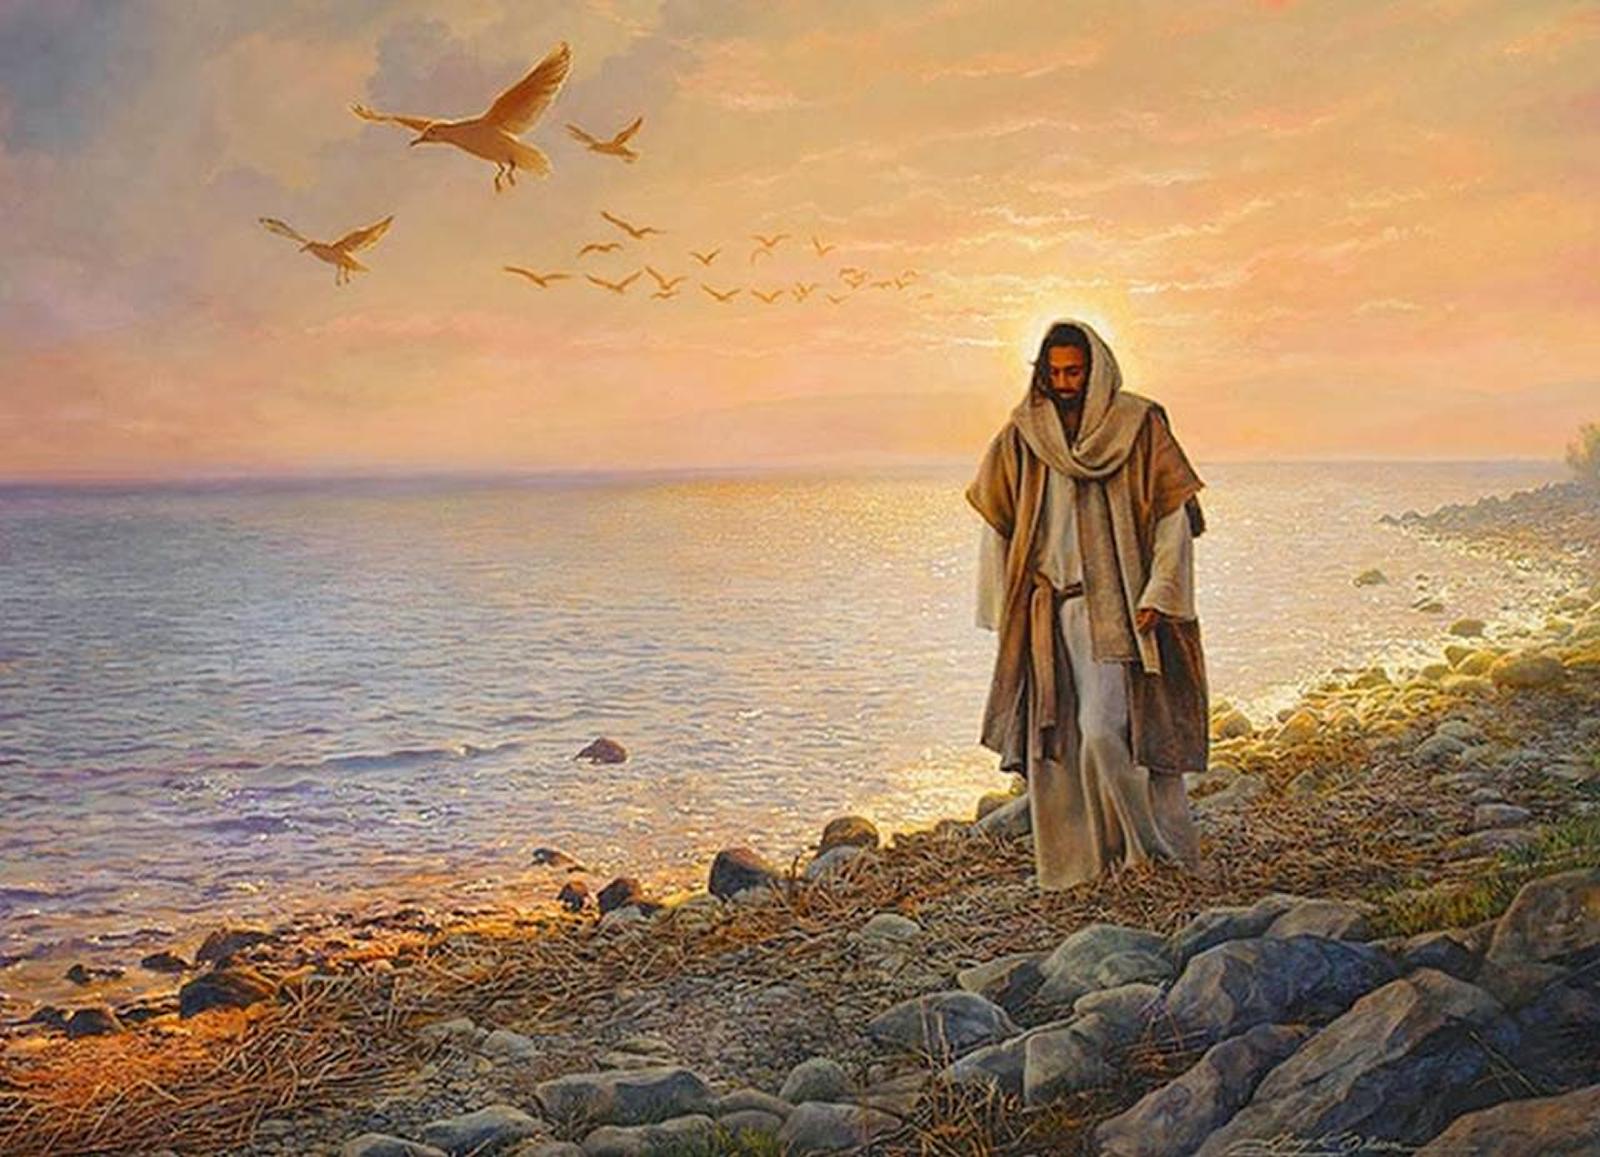 Fondos de paisajes con jesus en hd para descargar gratis 5 hd wallpapers marcos jesucristo - Wallpaper de jesus ...